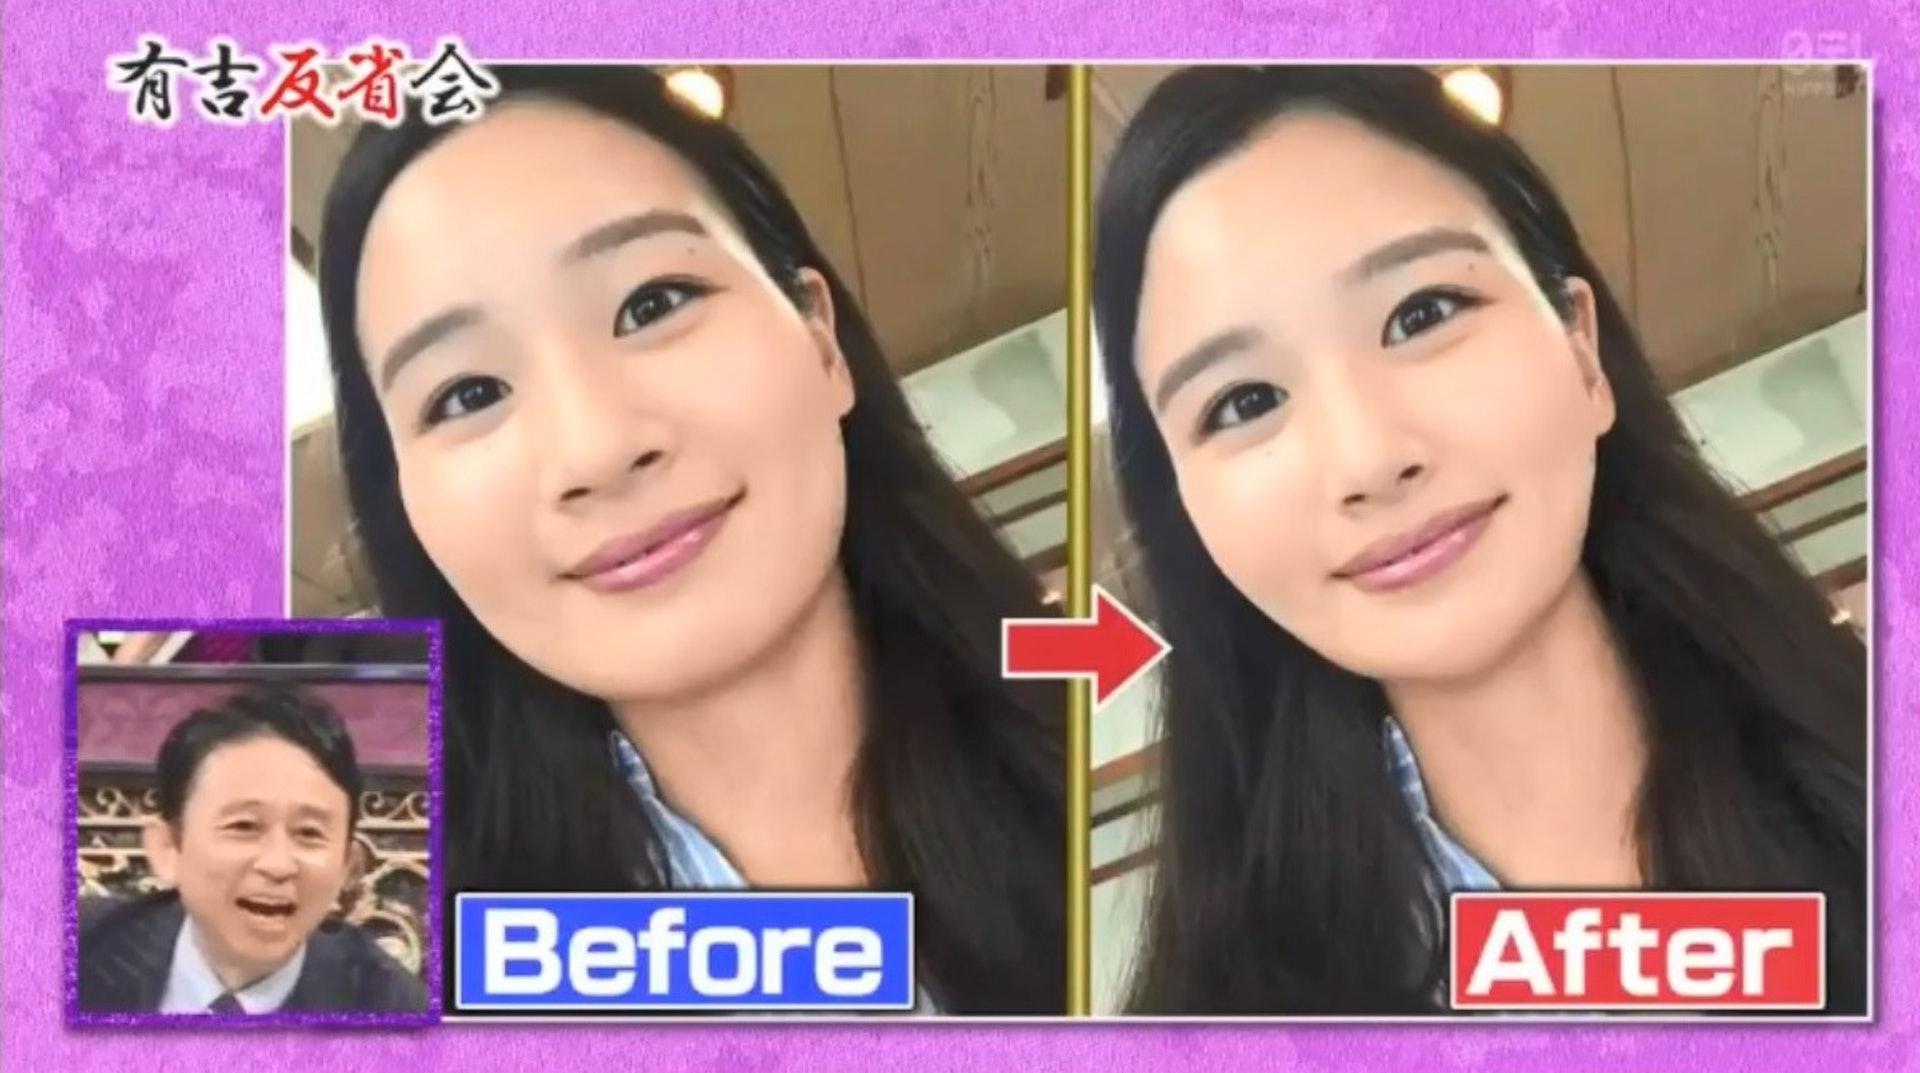 平時清瀨小姐在社交網站分享的美照也有修過,不過是她自己用APP修的。(節目截圖)